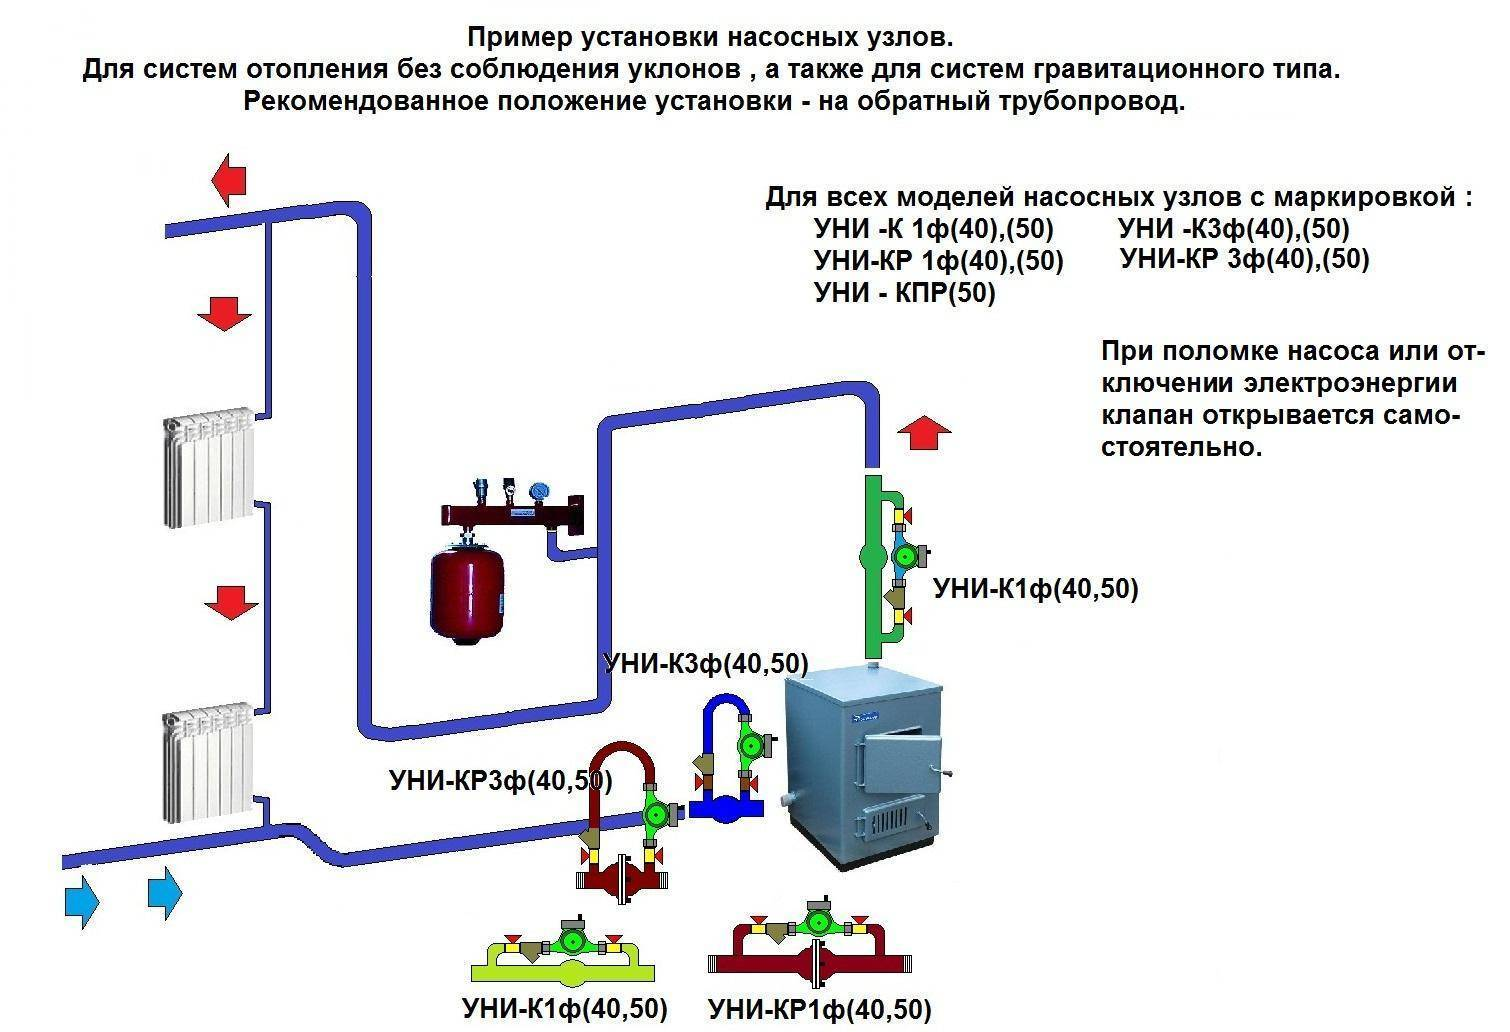 Байпас в системе отопления: что это такое и какова польза от его присутствия